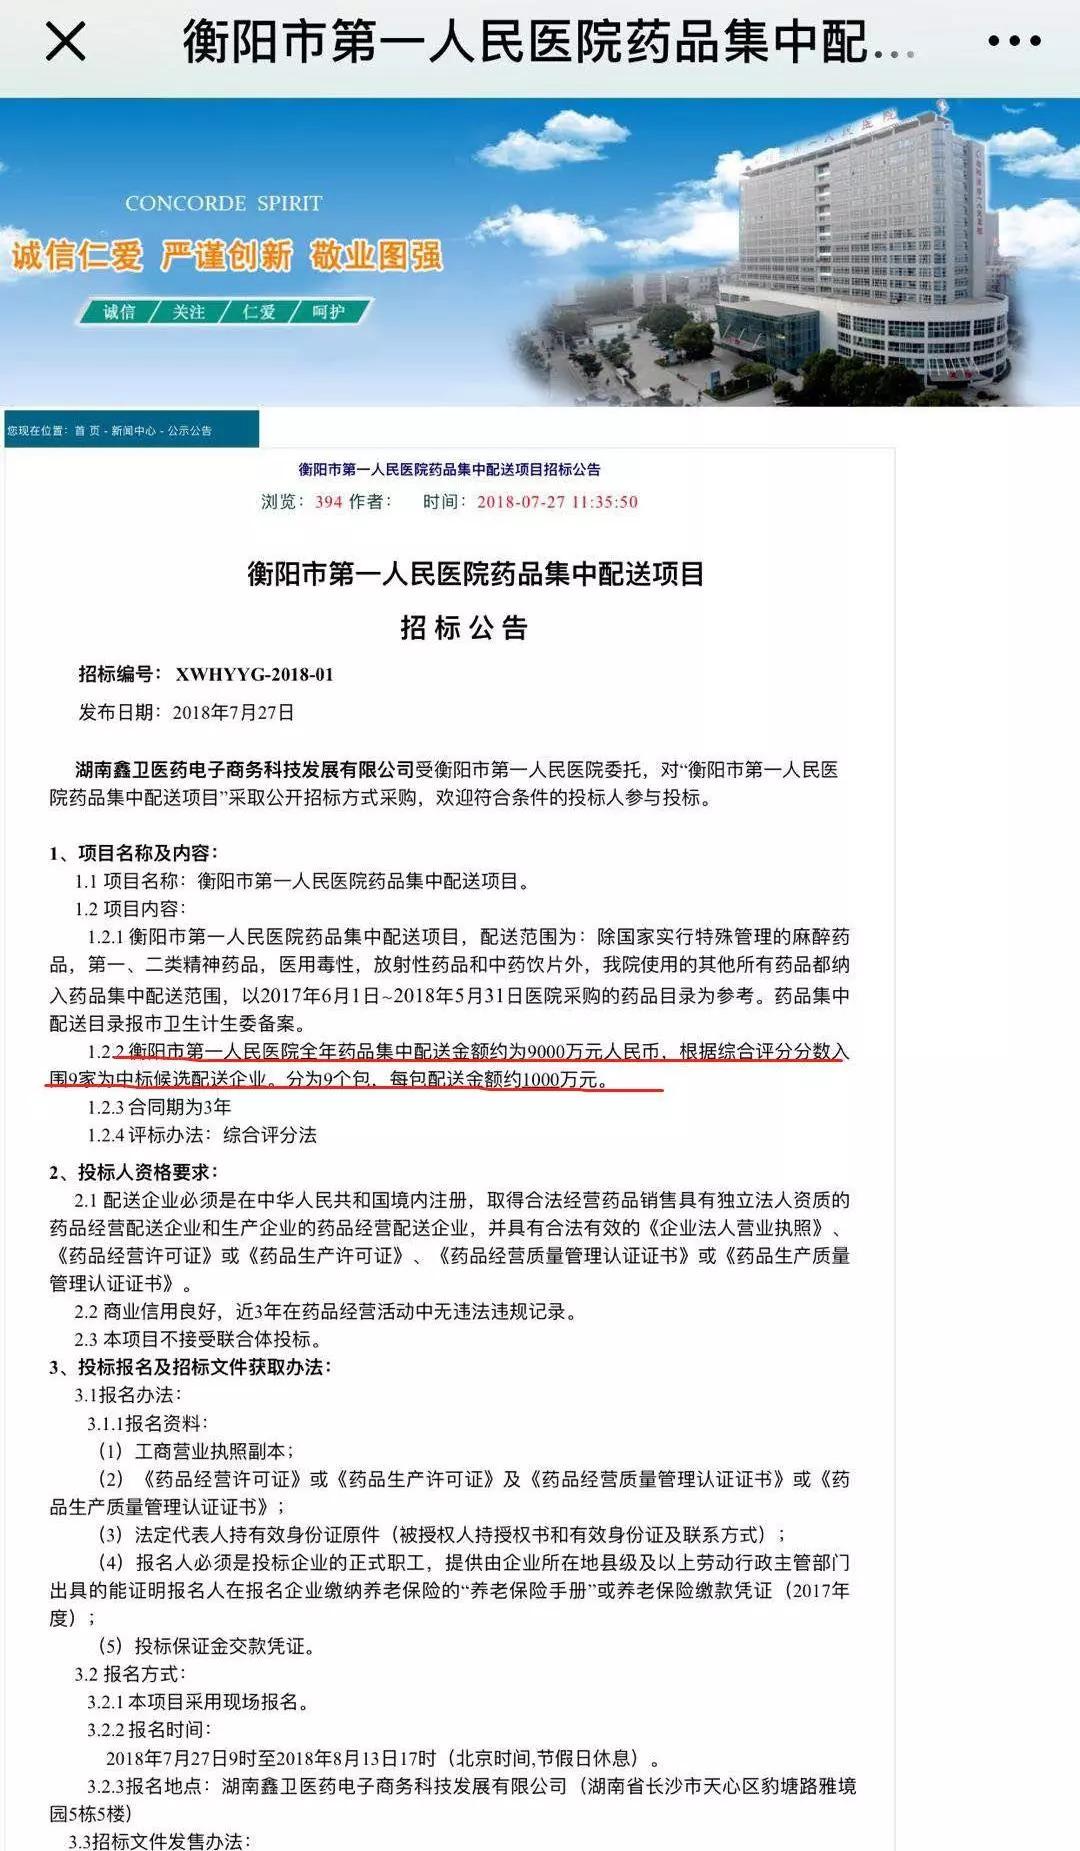 """震惊丨衡阳一公立医院收取""""天价""""质保金 律师:涉嫌违法应纠正"""